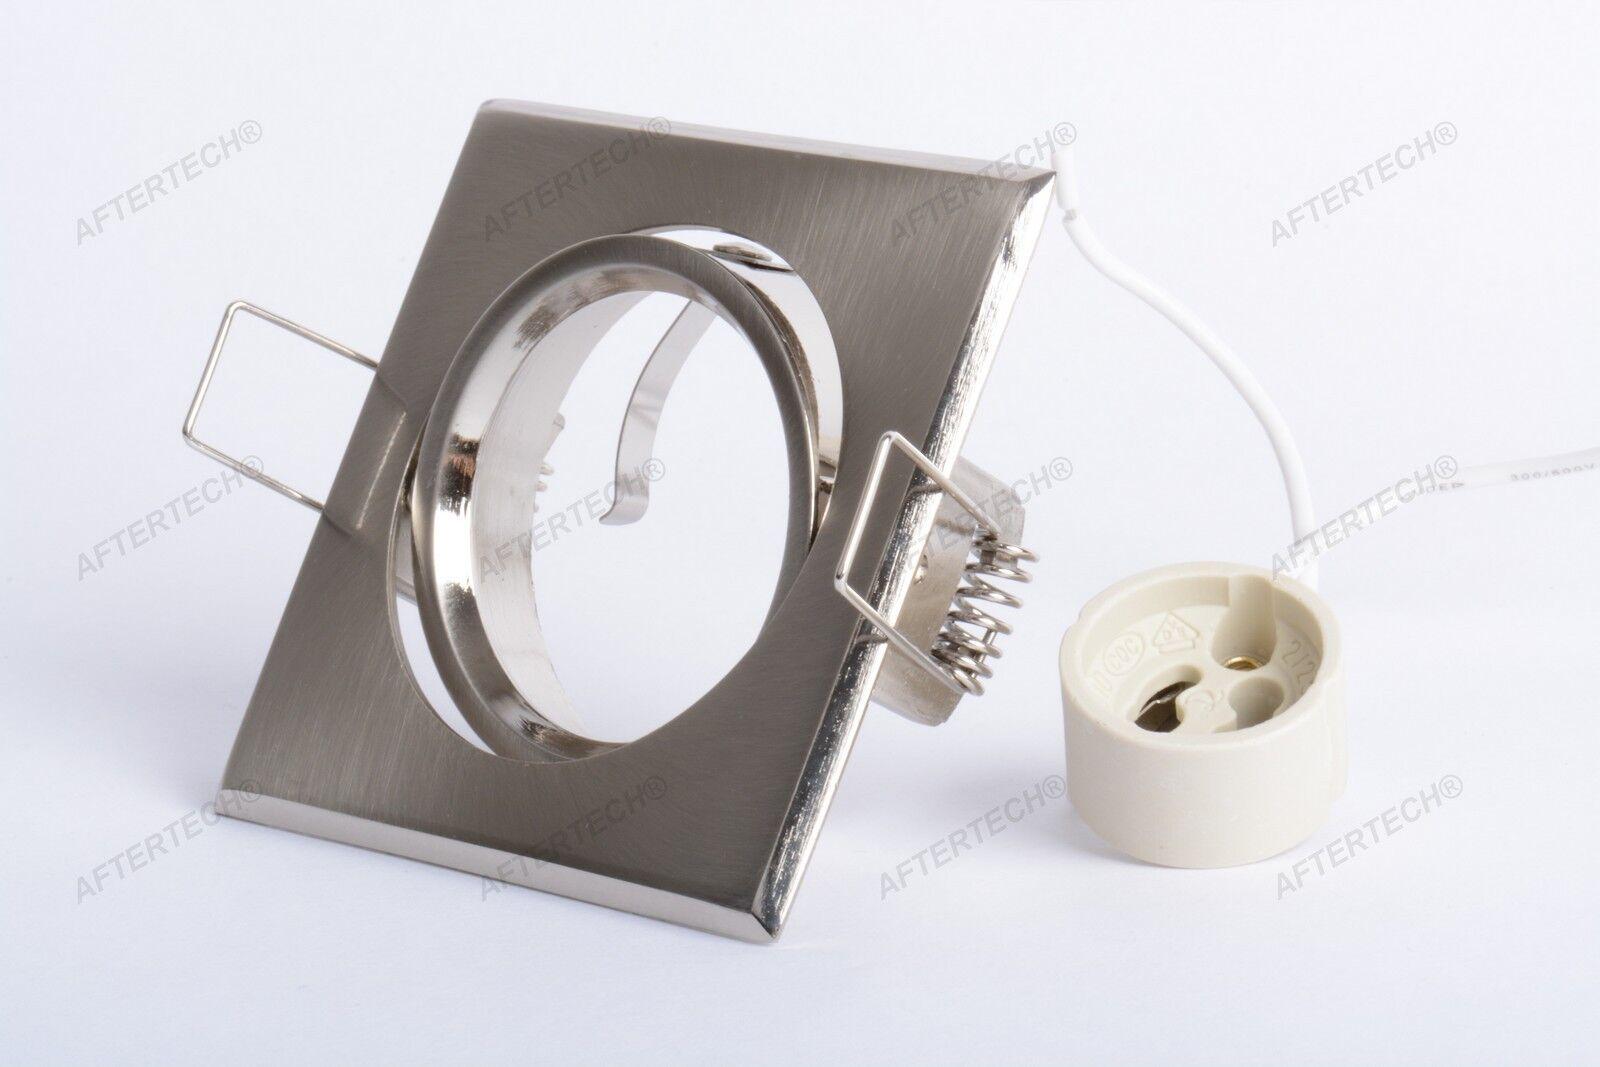 100x Halter Quadratisch Grünieft Stahl für Leuchten Scheinwerfer Gu10 220v D4a3